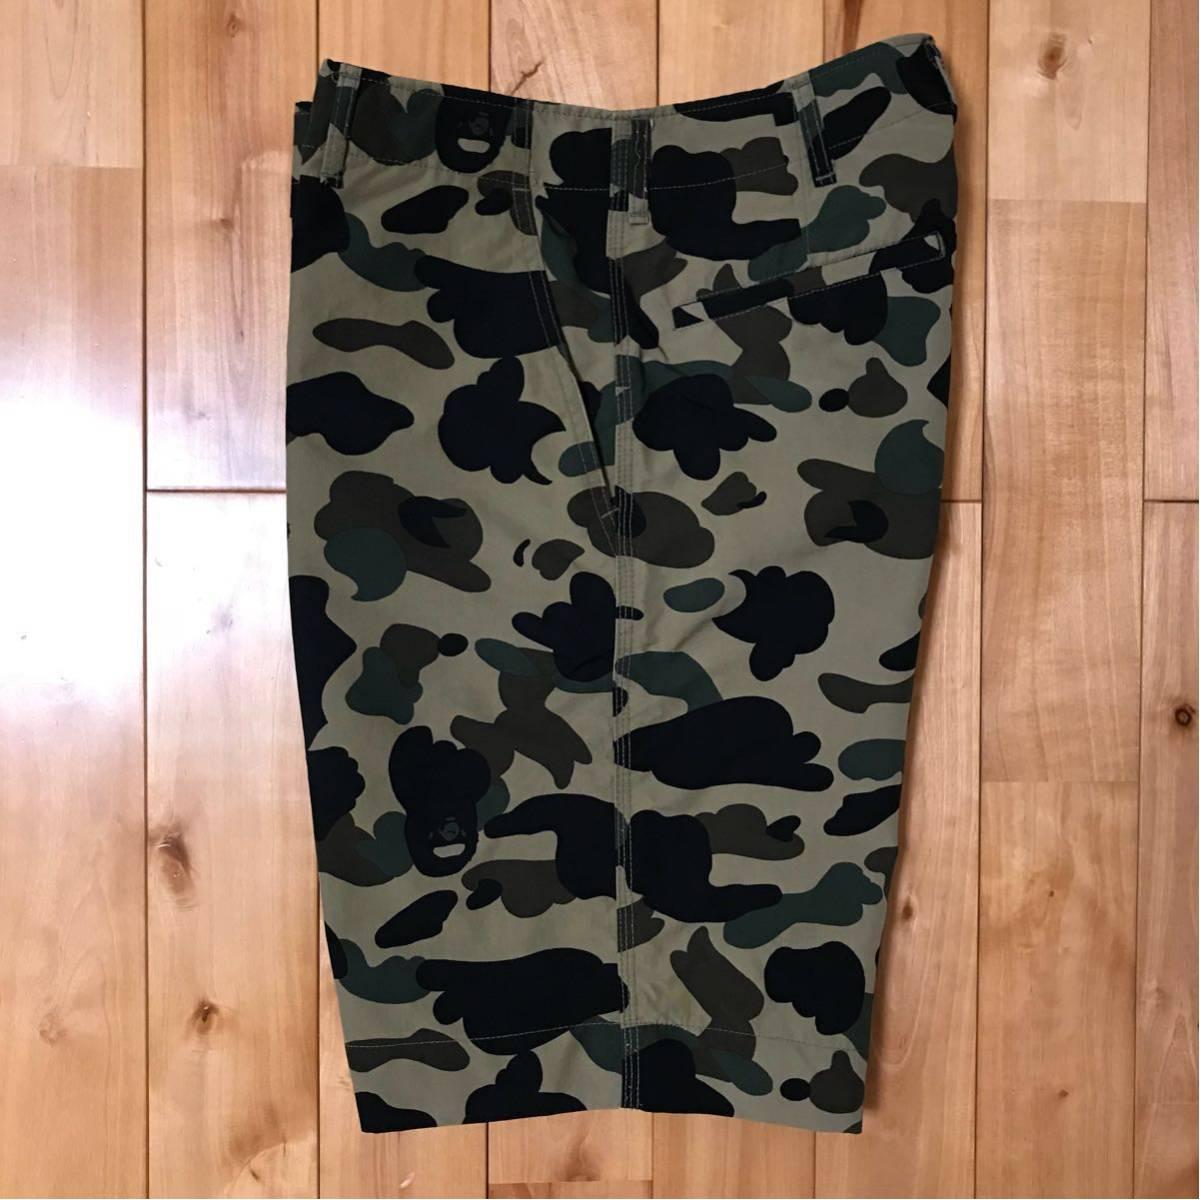 ★初期★ 1st camo ナイロン ハーフパンツ Mサイズ a bathing ape bape ショーツ shorts エイプ ベイプ アベイシングエイプ 迷彩 NIGO